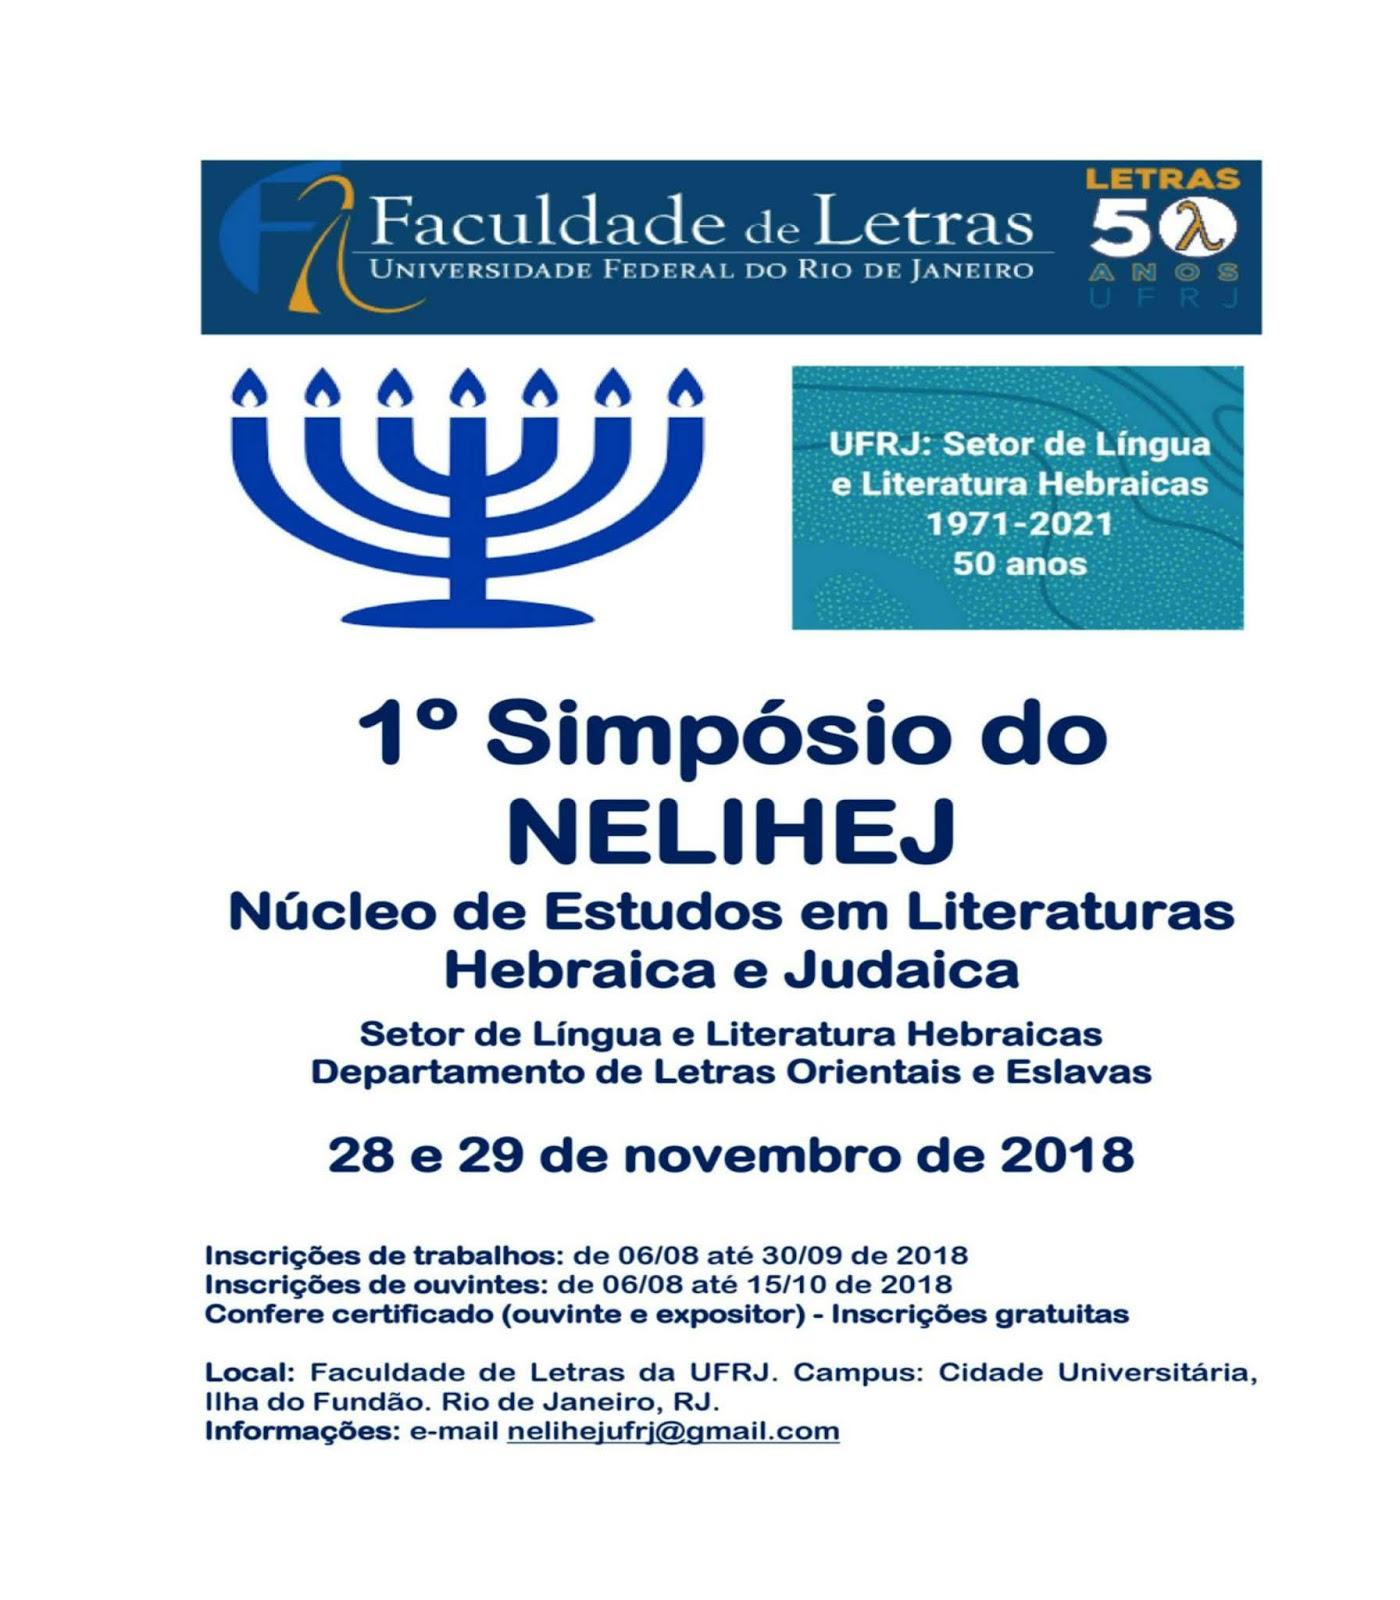 1º Simpósio do NELIHEJ (Núcleo de Estudos em Literaturas Hebraica e Judaica)